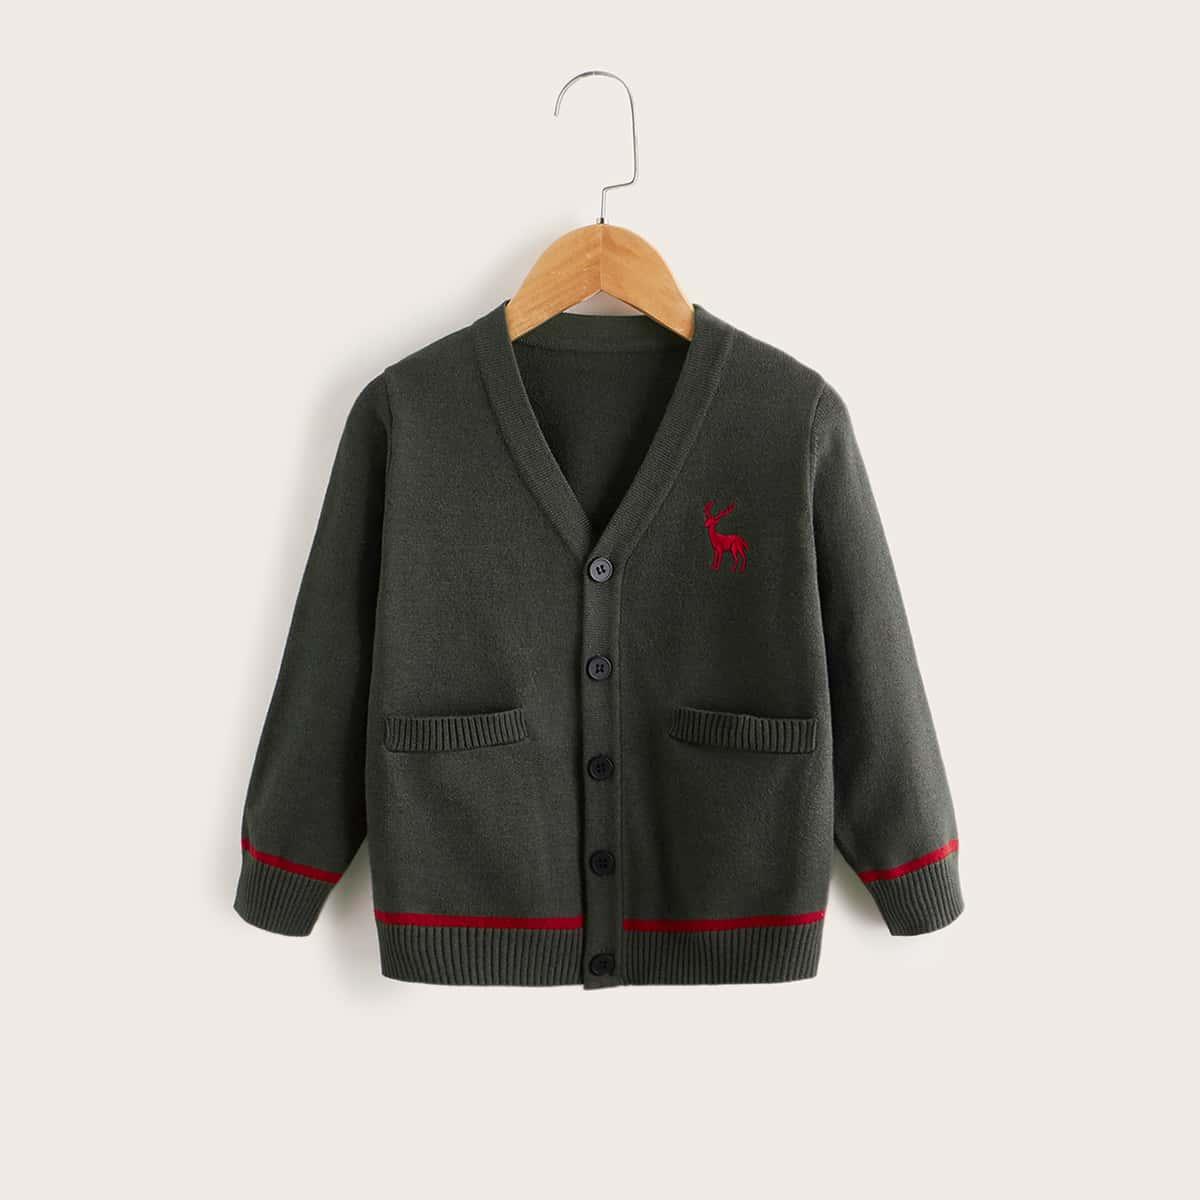 Кардиган с двумя карманами и вышивкой оленя для малышей SheIn sk2106199474476583